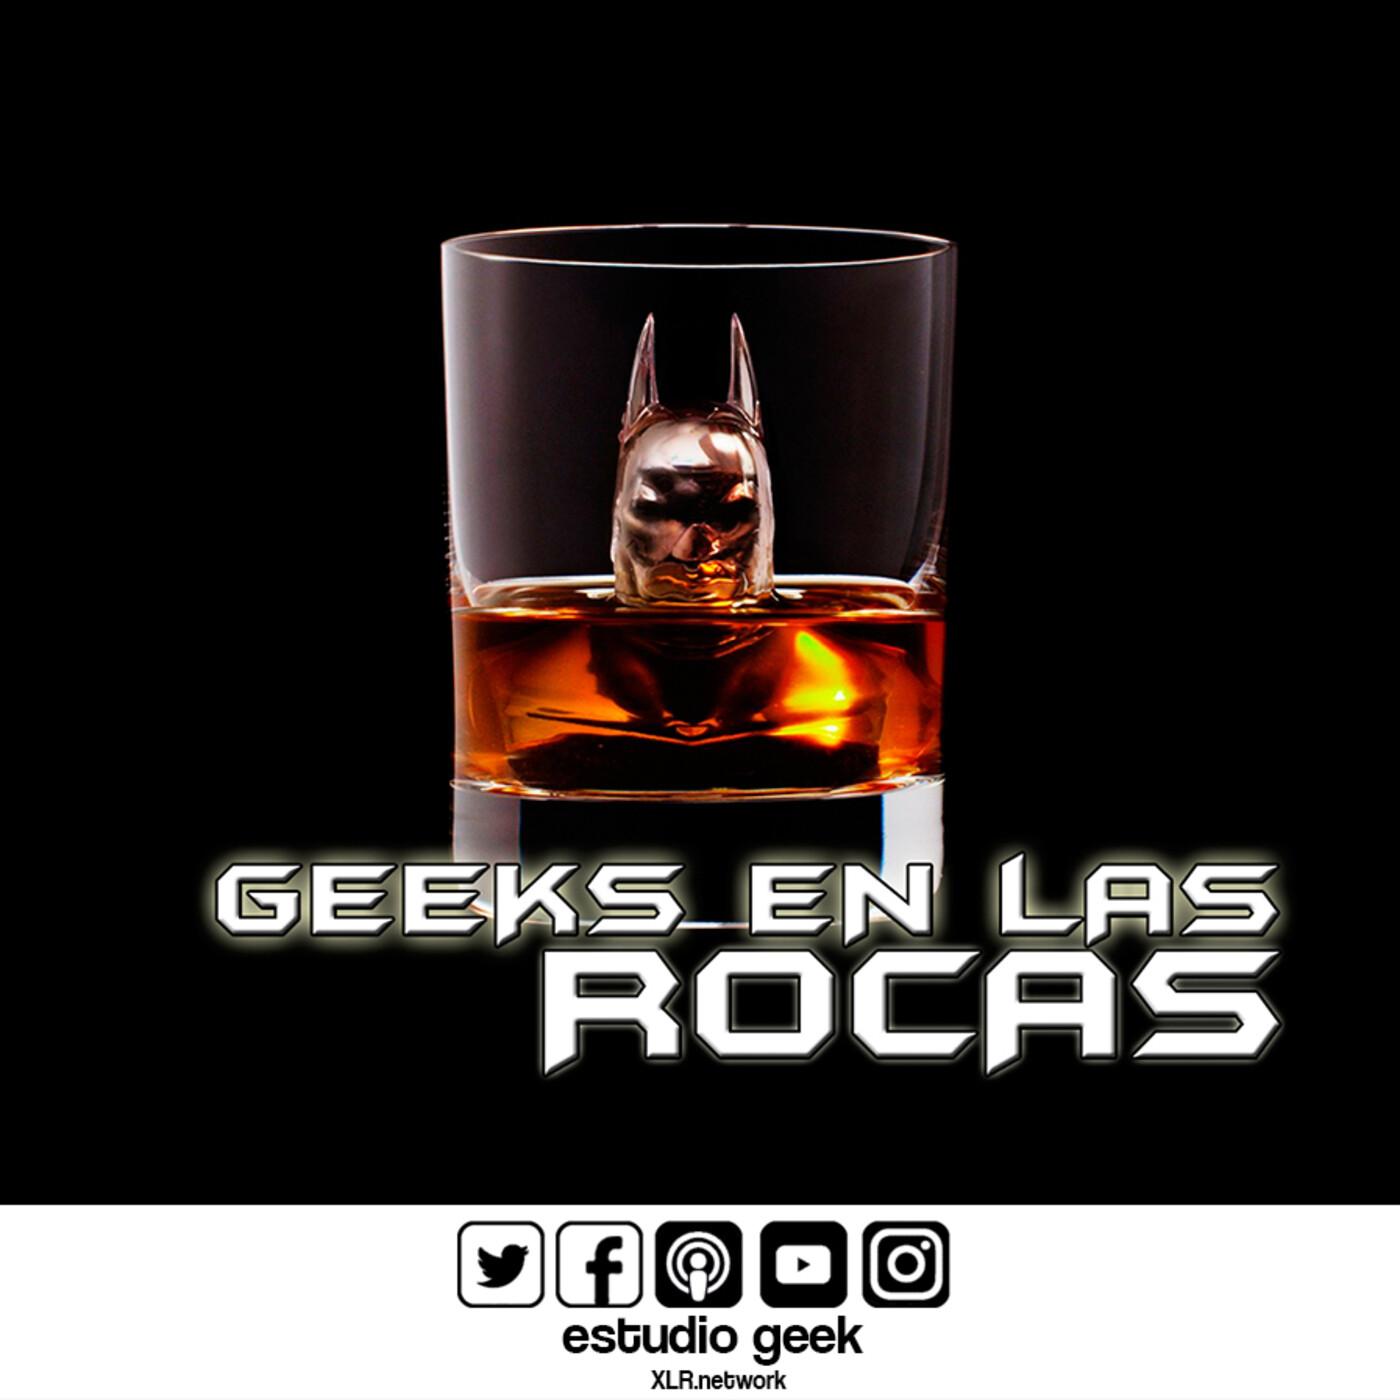 Geeks en las rocas 018 - Con un chingo de calor